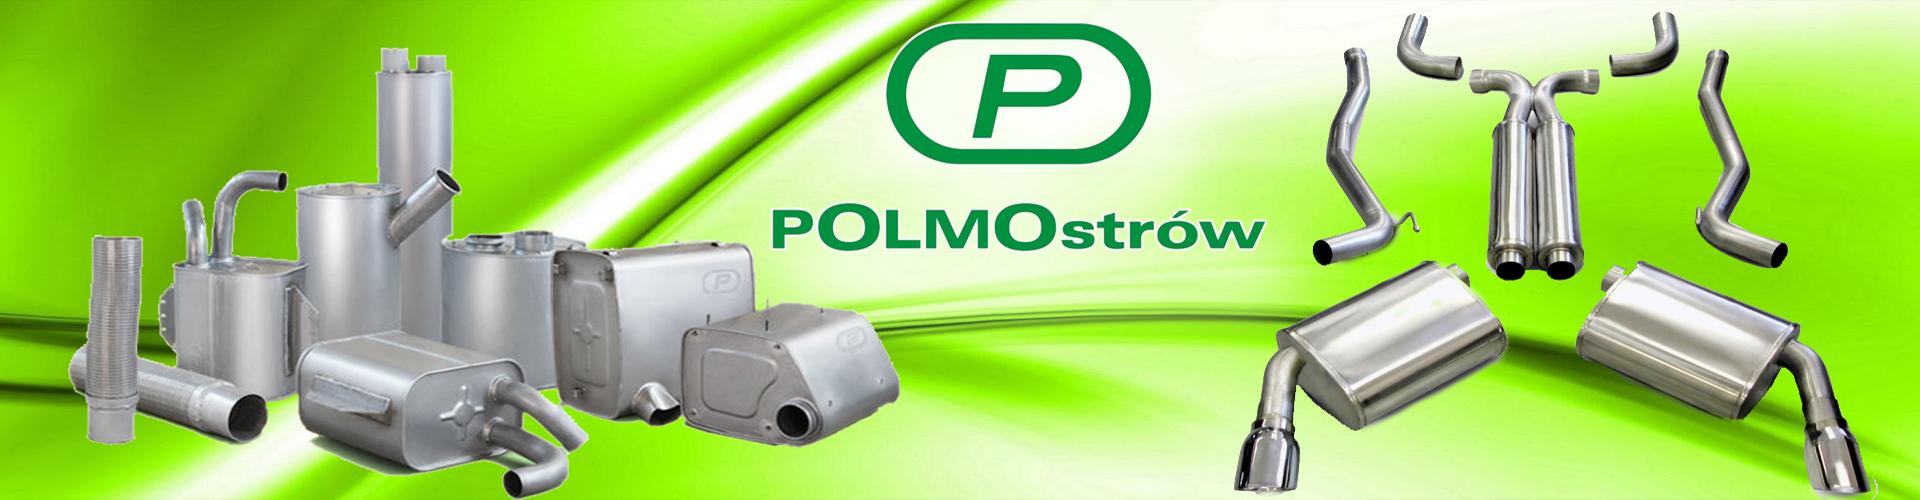 polmo_1920x500.jpg